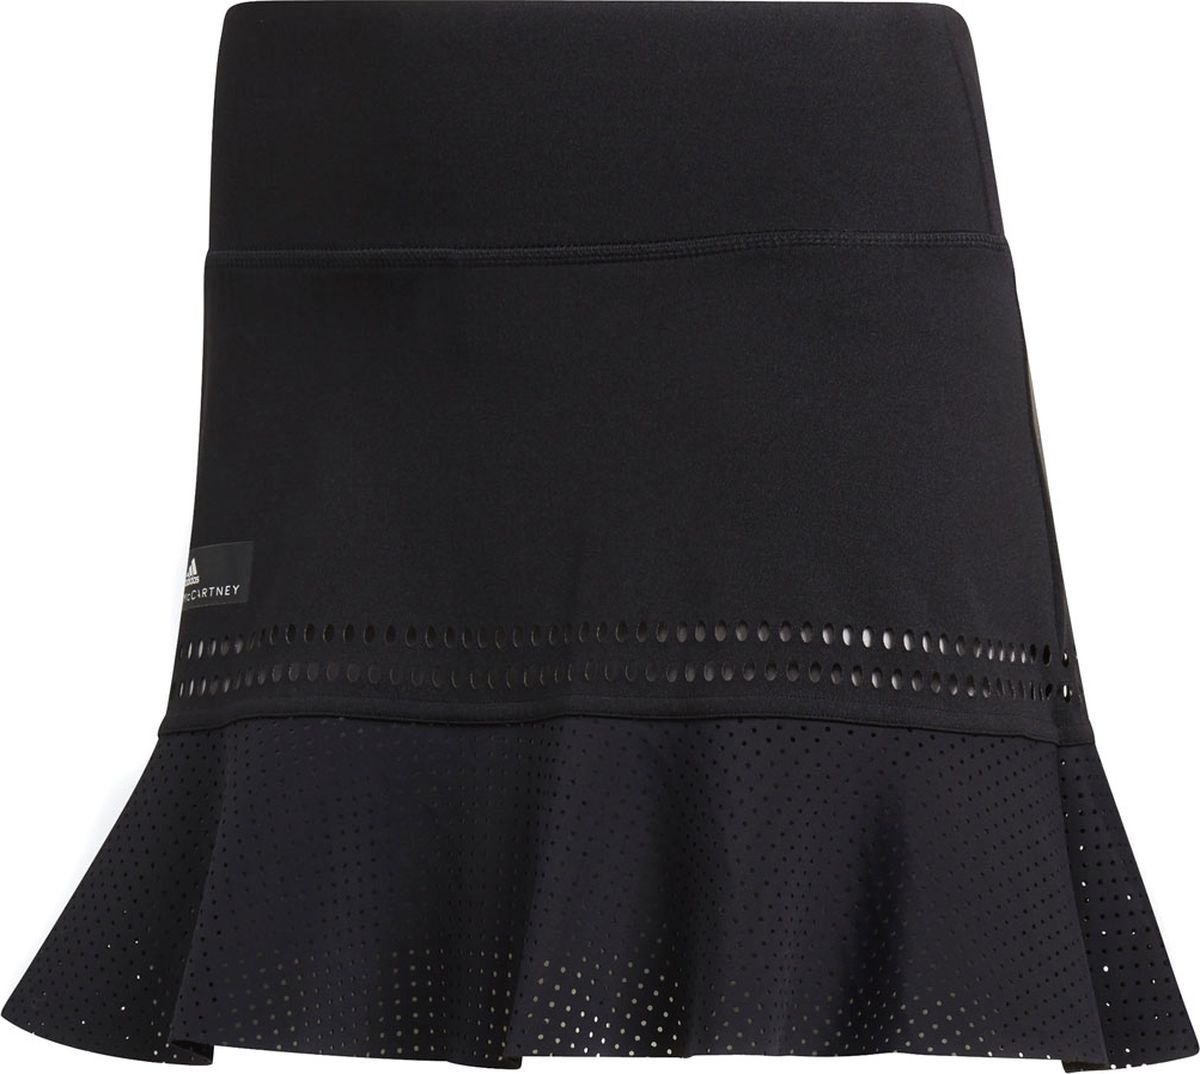 Юбка Adidas Asmc Q2 Skirt, цвет: черный. CG2373. Размер M (46/48)CG2373Стильная теннисная юбка из коллекции adidas by Stella McCartney. Благодаря дышащей, охлаждающей технологии Climachill в ней будет комфортно даже во время самых напряженных моментов на корте. Элегантный дизайн и вырезанные лазером детали для дополнительной вентиляции. Модель на широком высоком поясе дополнена вшитыми короткими леггинсами. Изделие оформлено ярлычком с логотипом adidas by Stella McCartney на бедре.